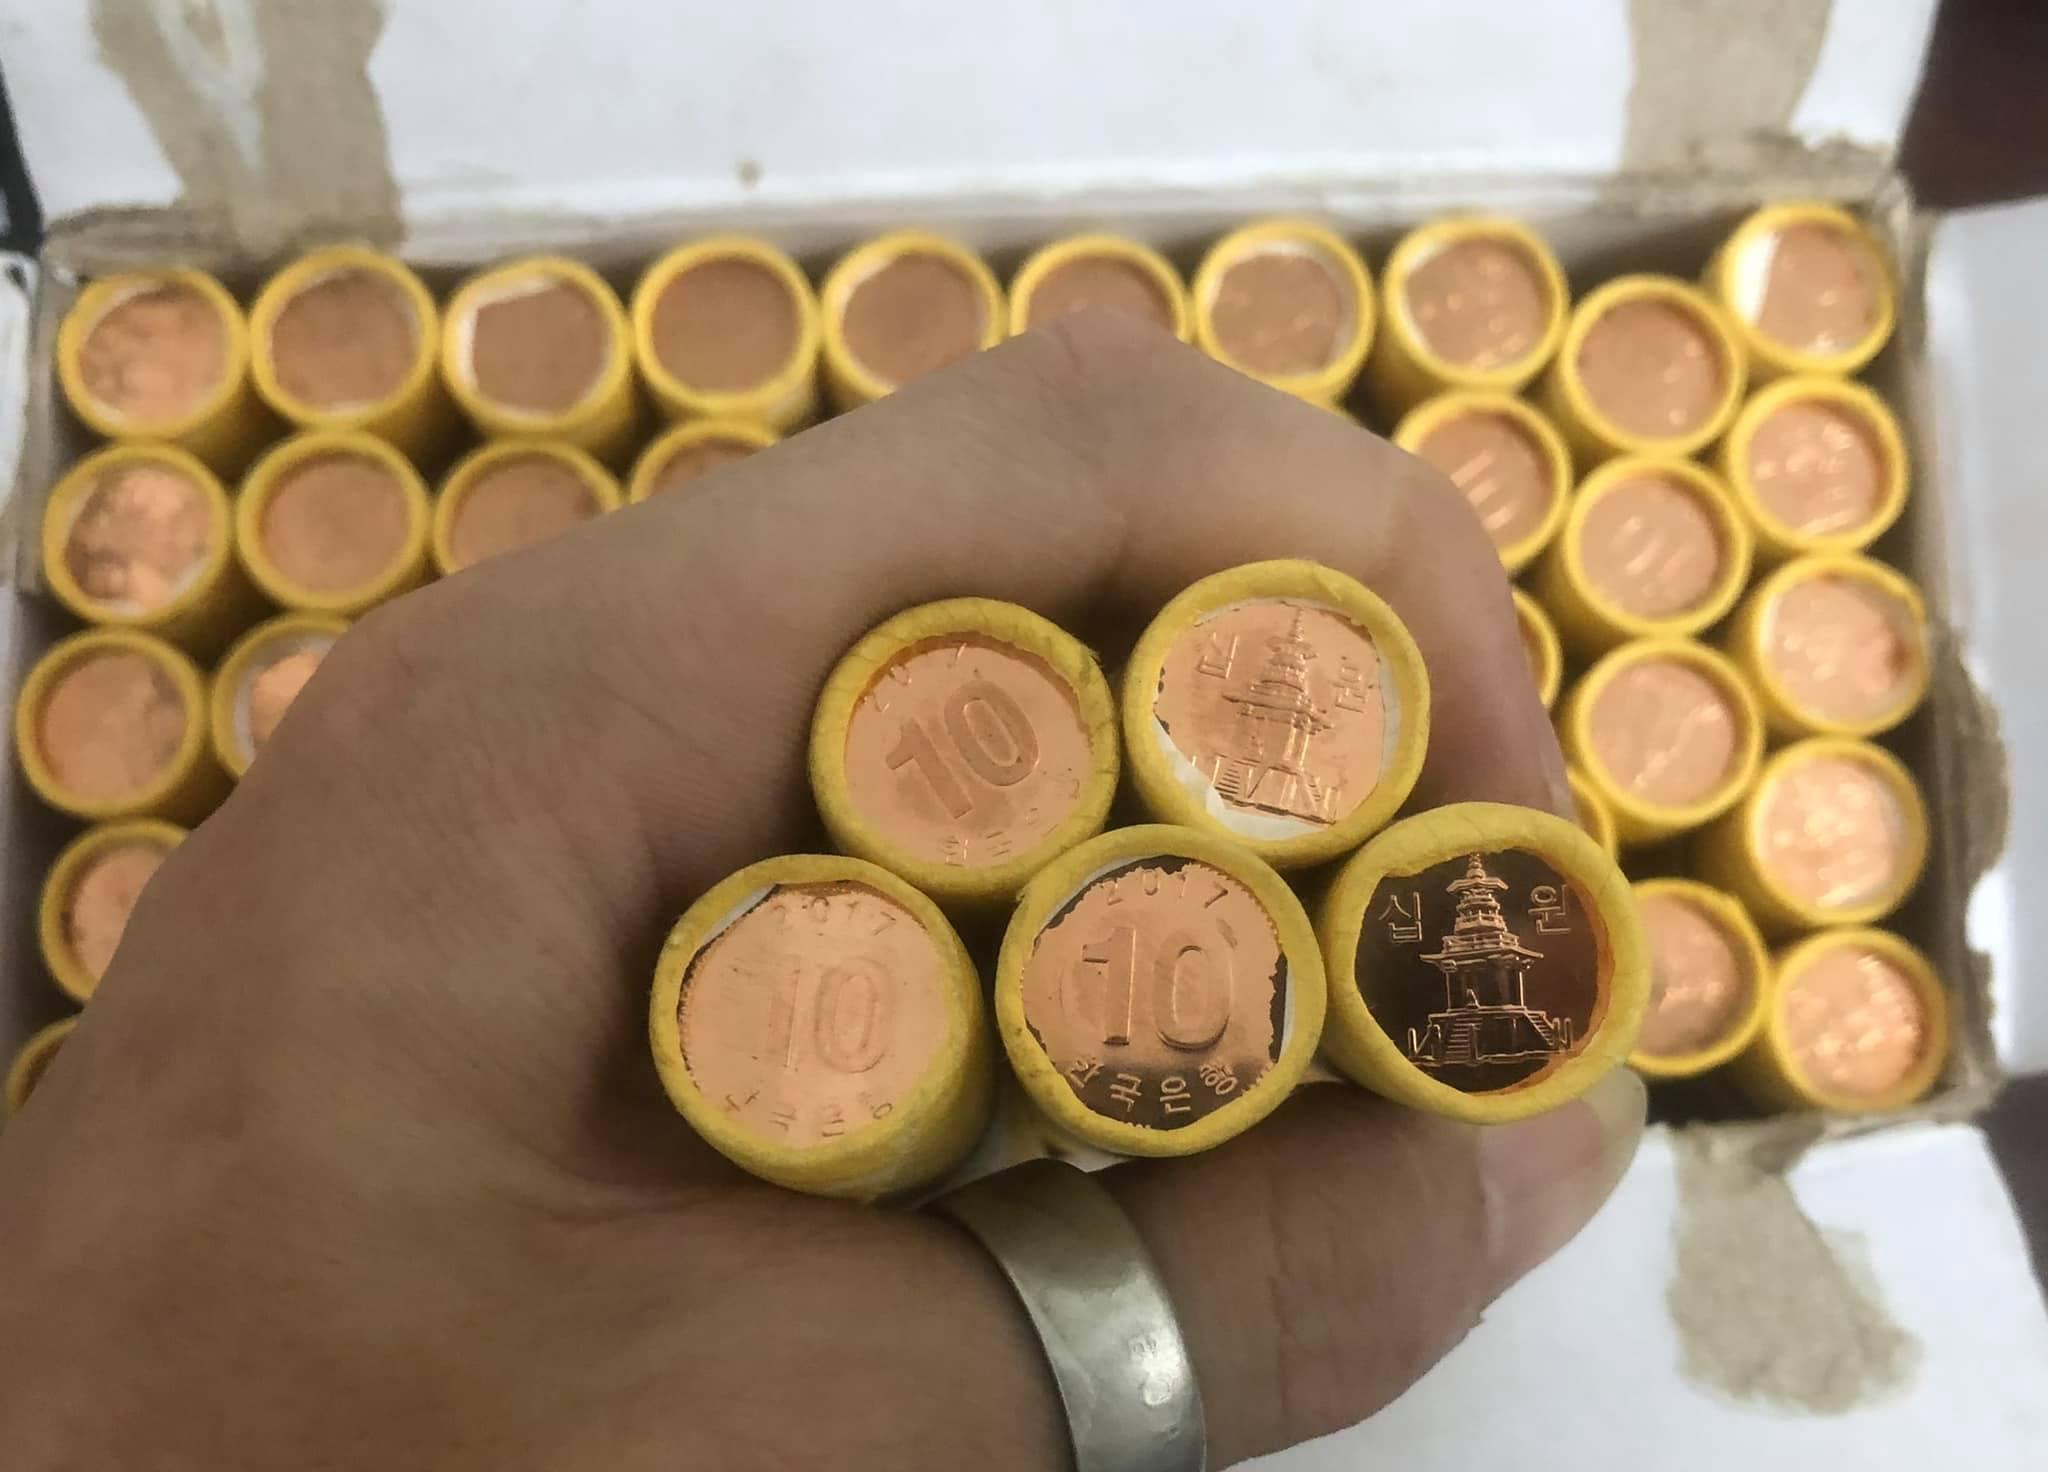 xu Hàn Quốc, 1 cây xu gồm 50 viên 10 won sưu tầm